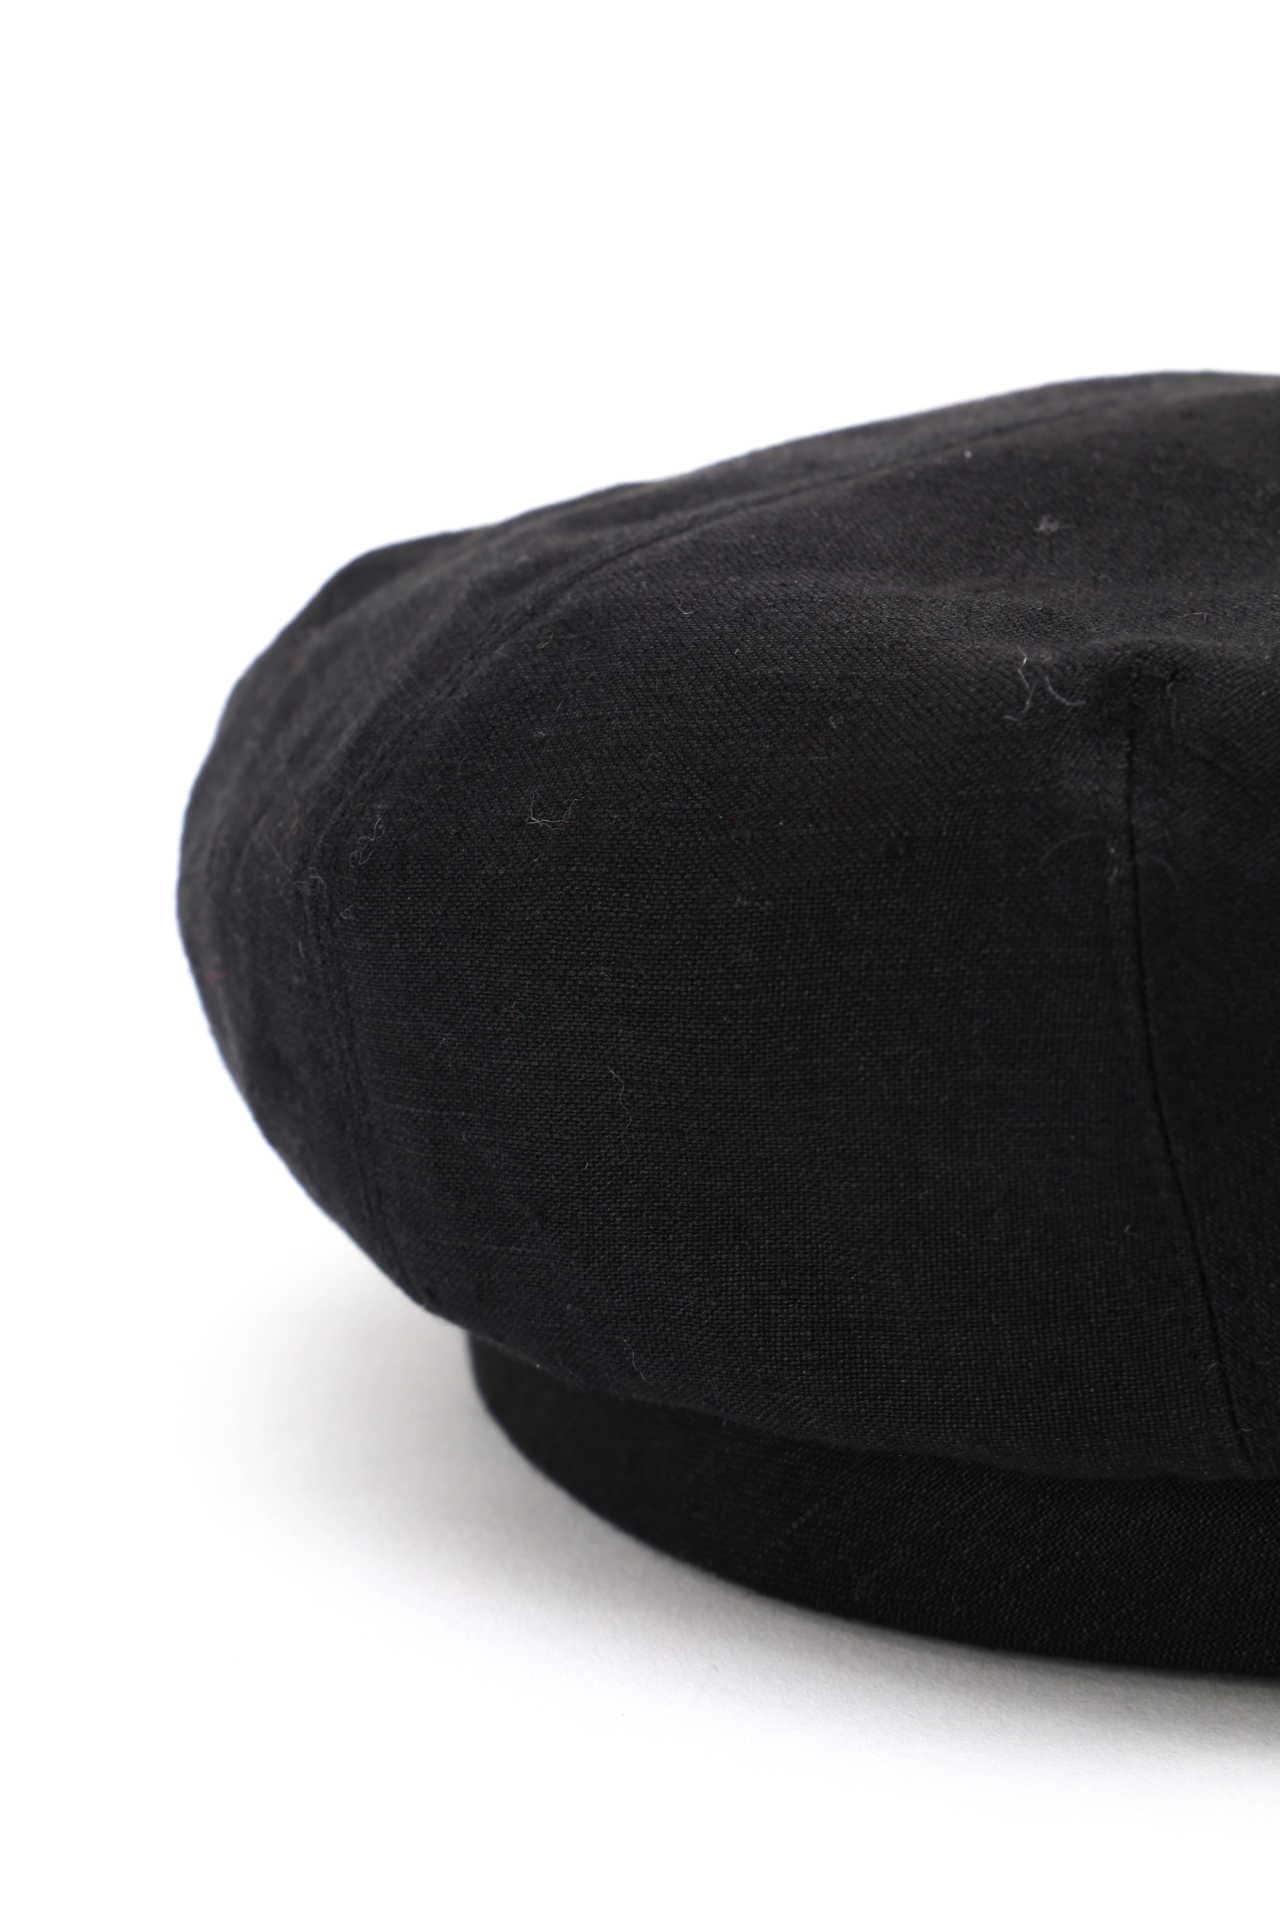 WORKER CAP4